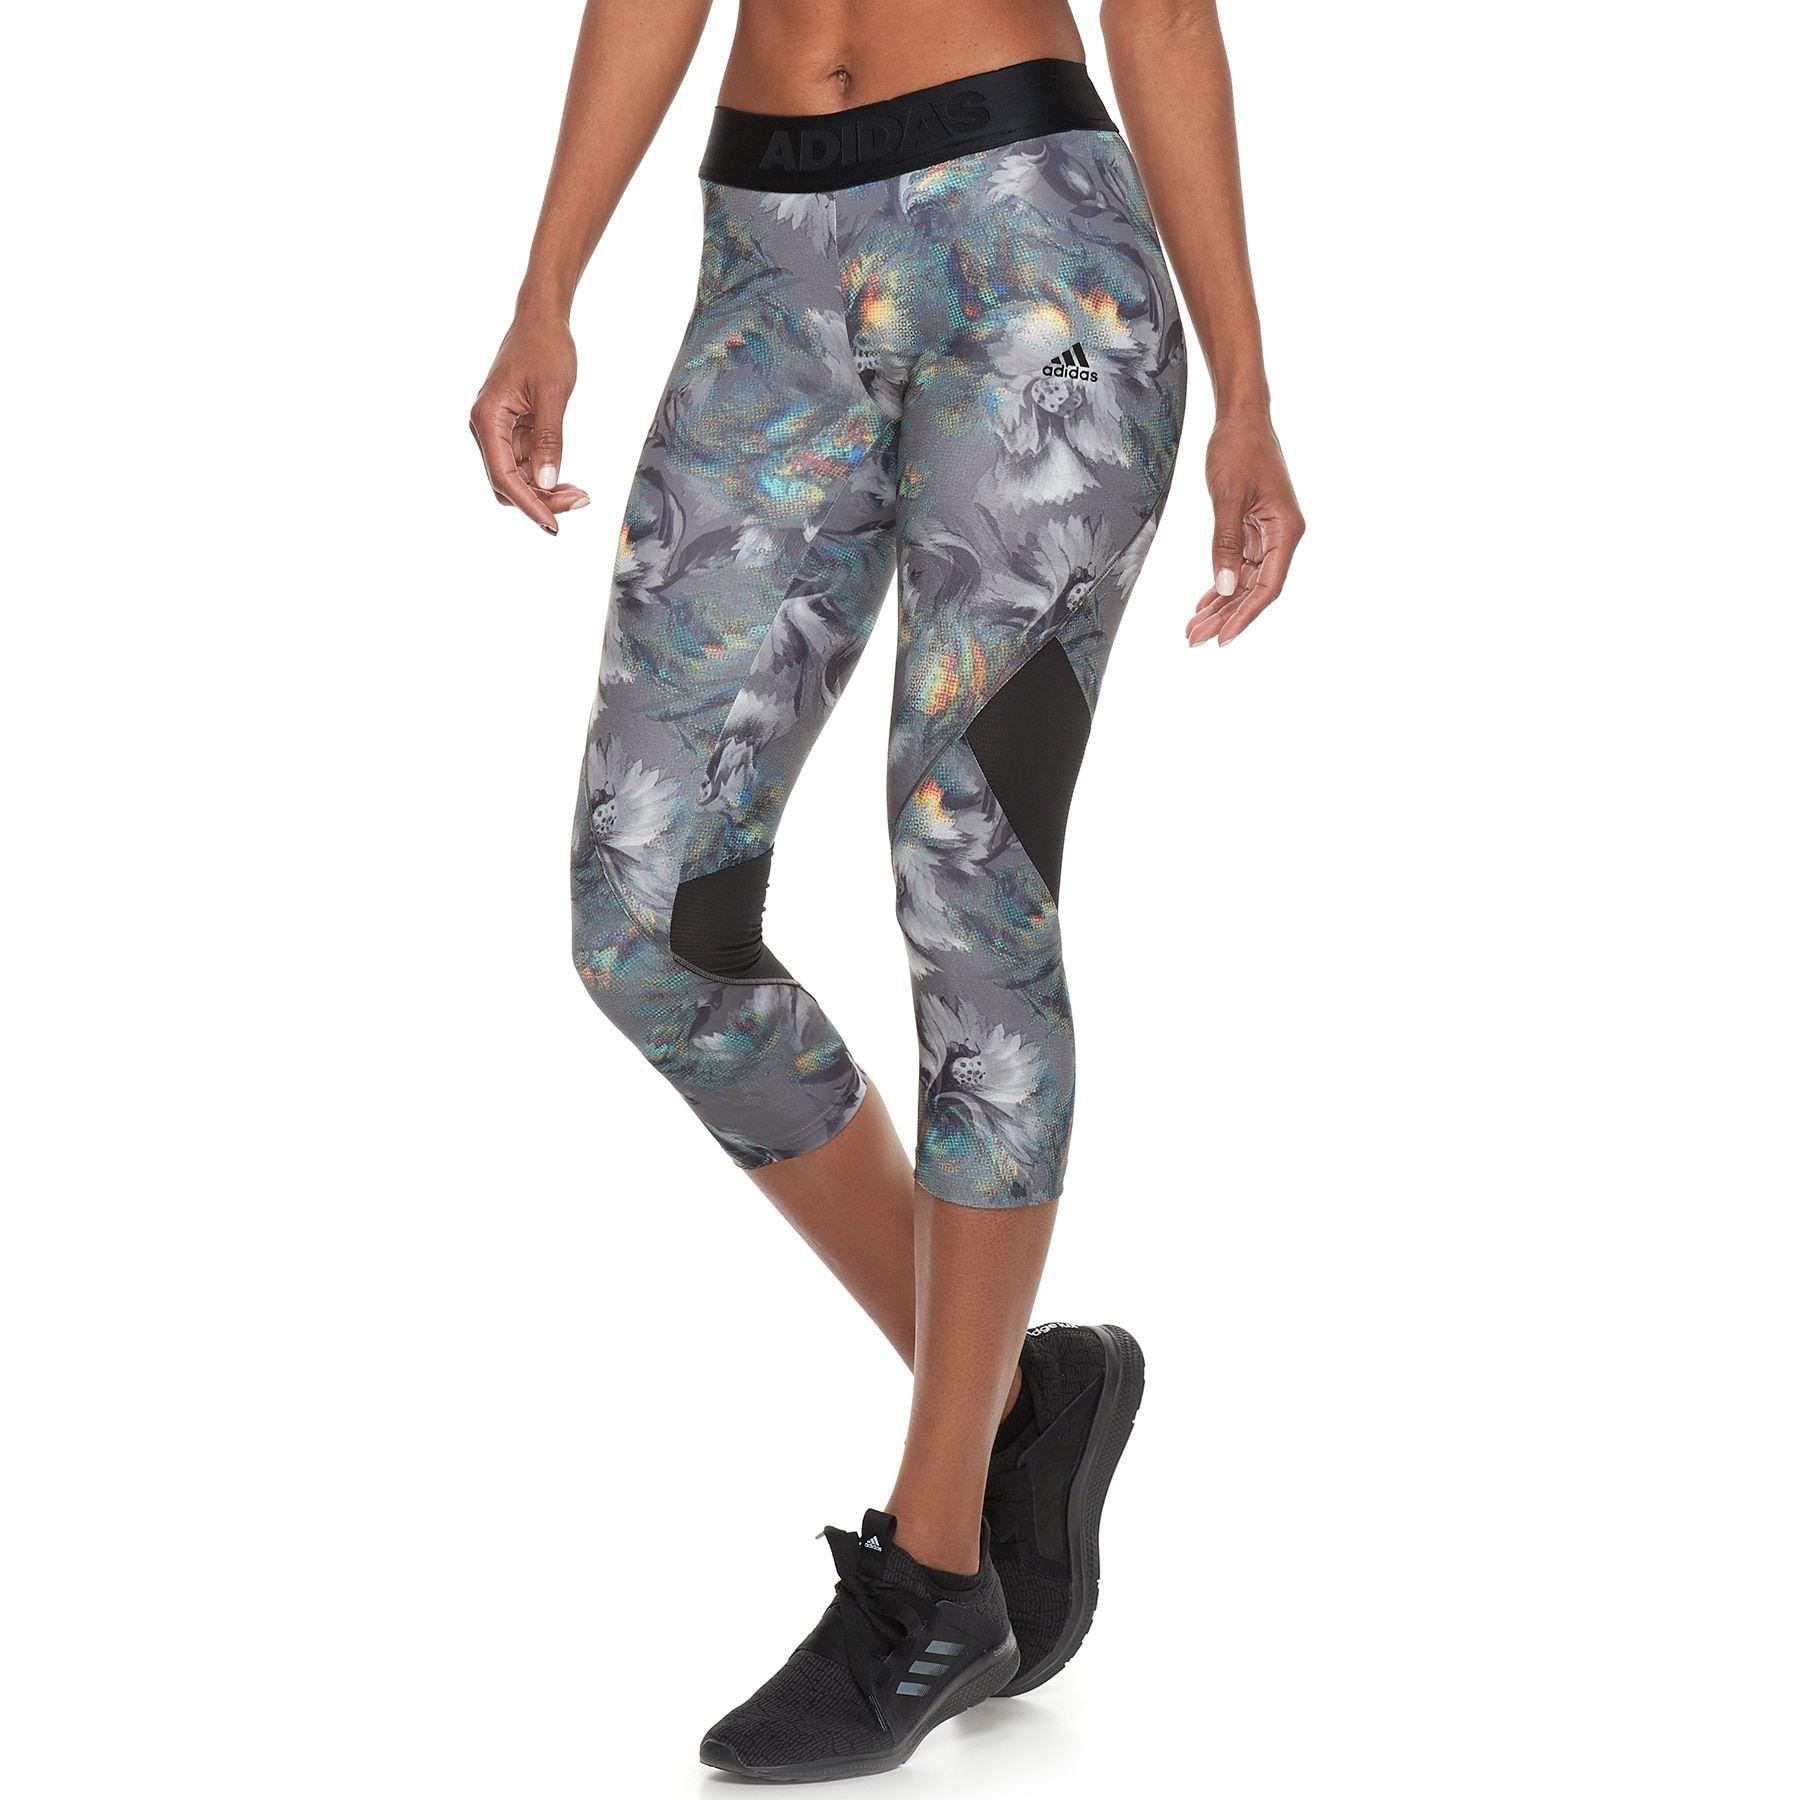 9ddf0f51a1da5 Women's adidas Alphaskin Sport Capri Leggings   Fashion Street ...